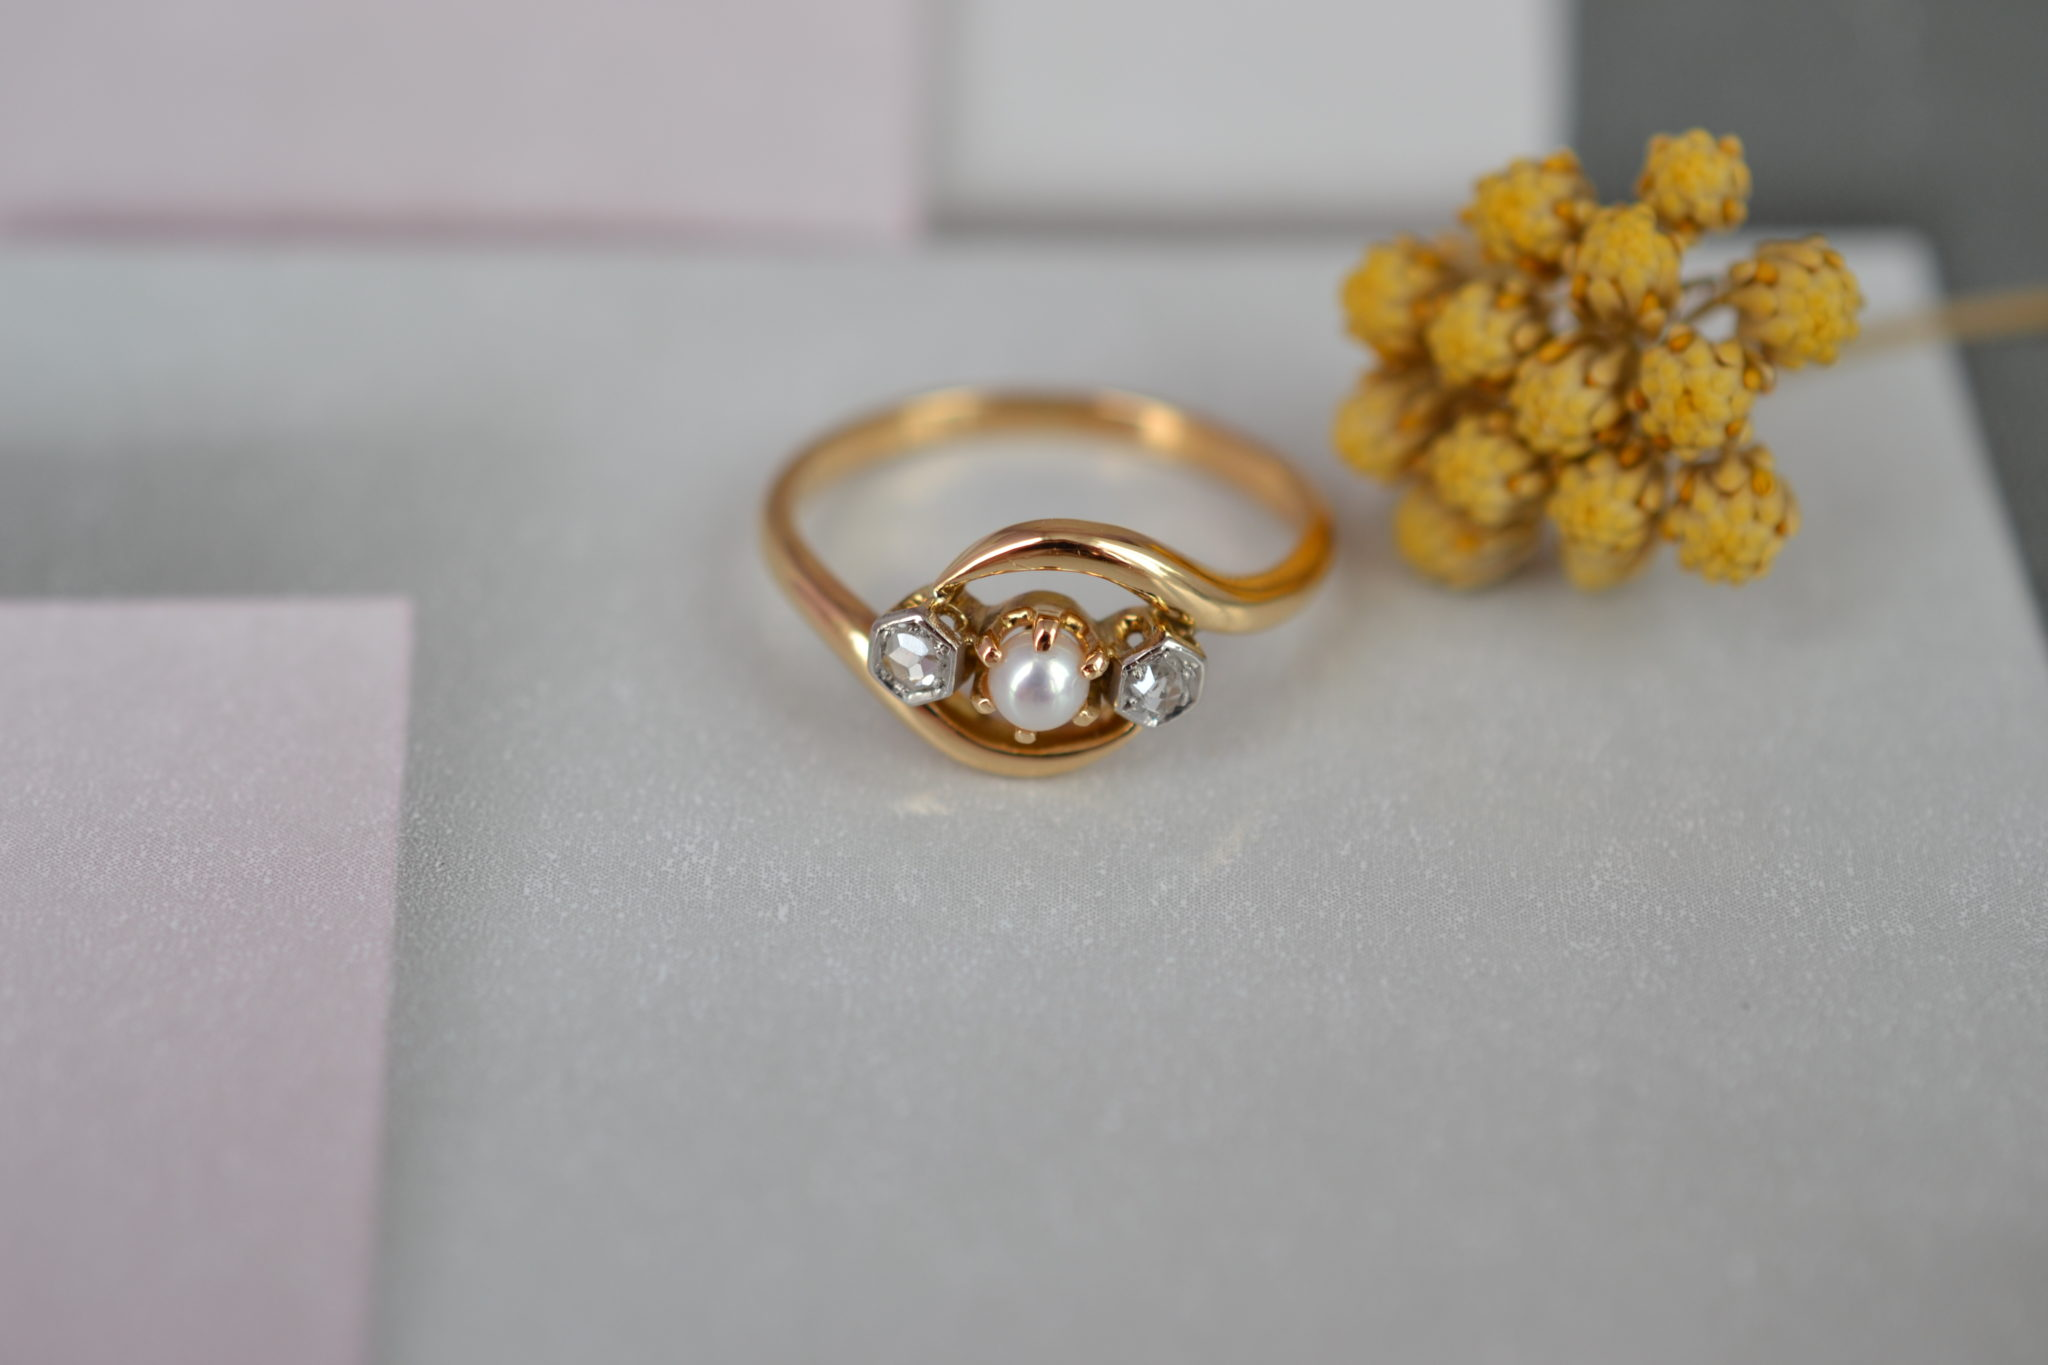 Bague _Toi et Moi_ Belle Époque en Or jaune, sertie de deux roses de diamant et d_une petite perle - bague ancienne